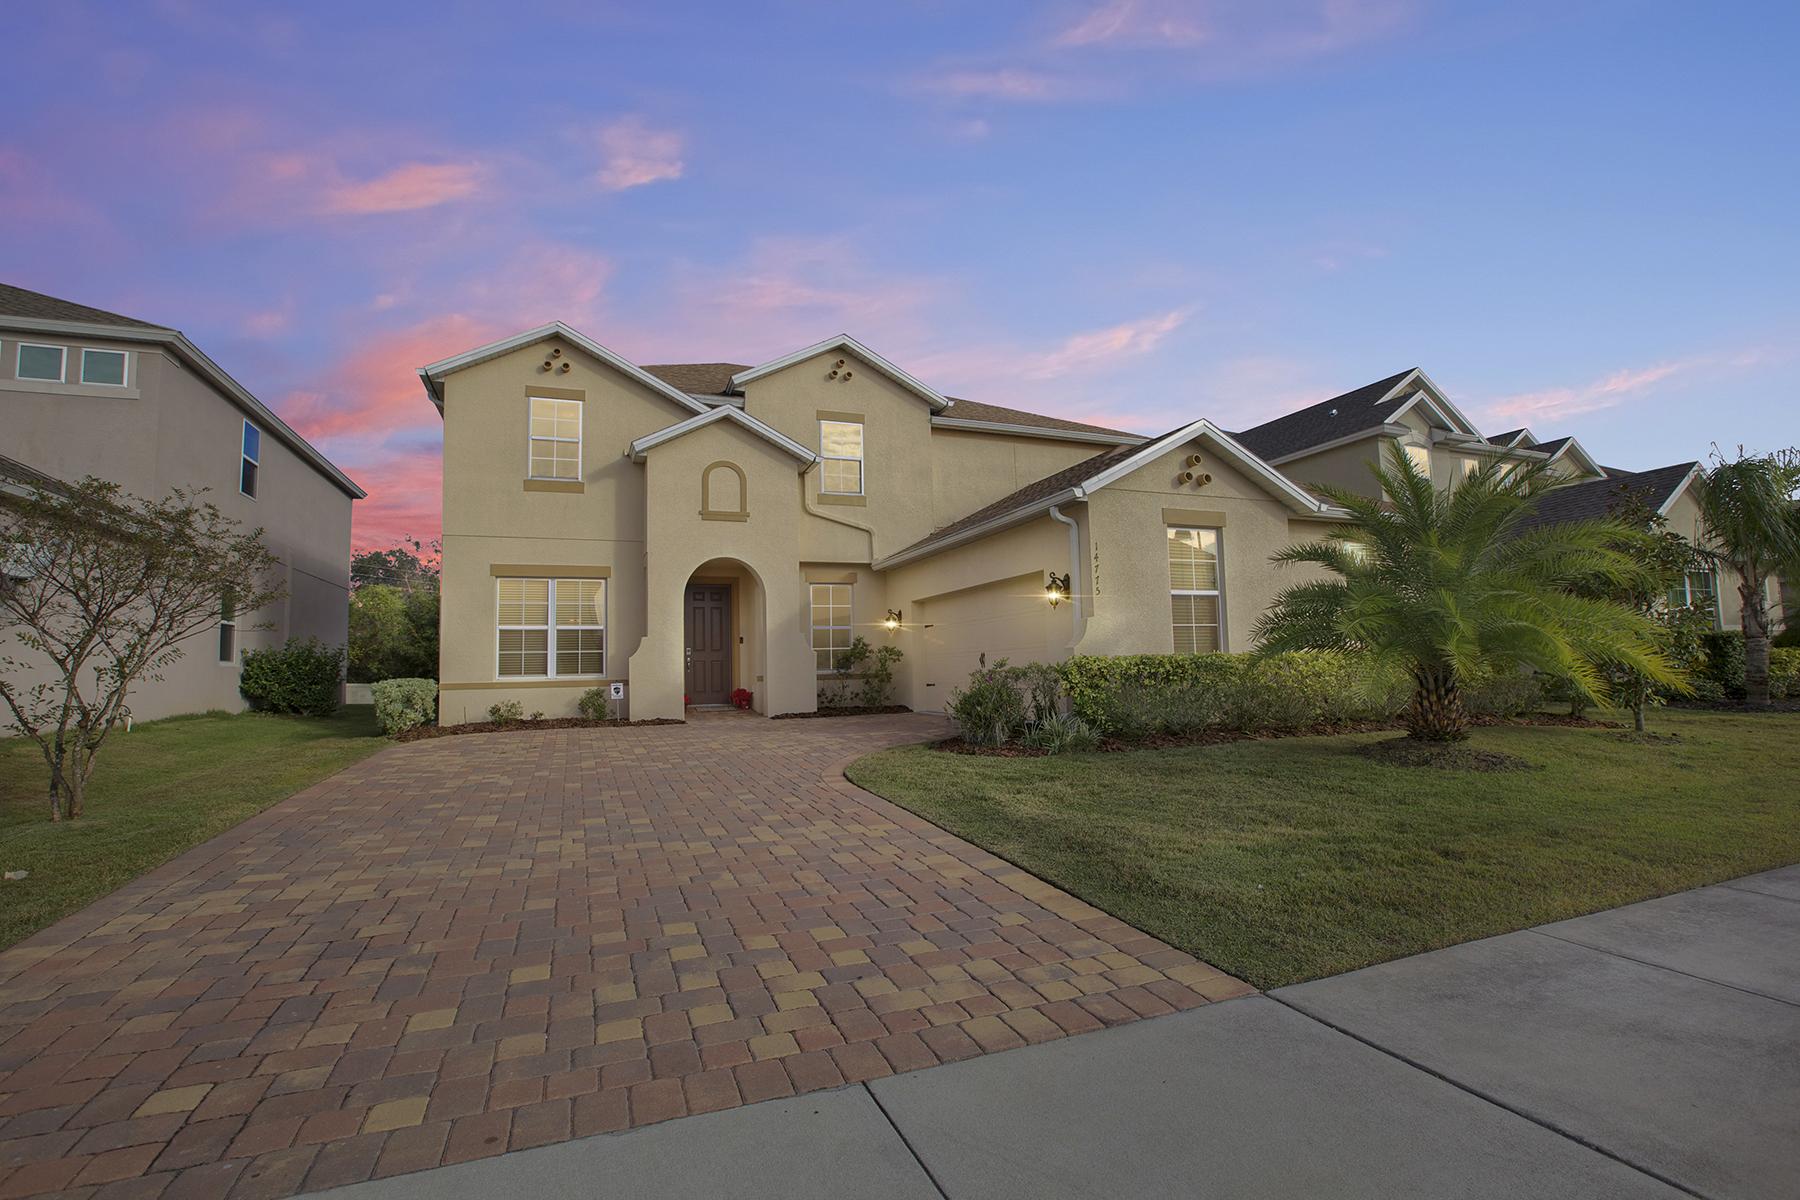 Частный односемейный дом для того Продажа на ORLANDO 14775 Golden Sunburst Ave, Orlando, Флорида, 32827 Соединенные Штаты